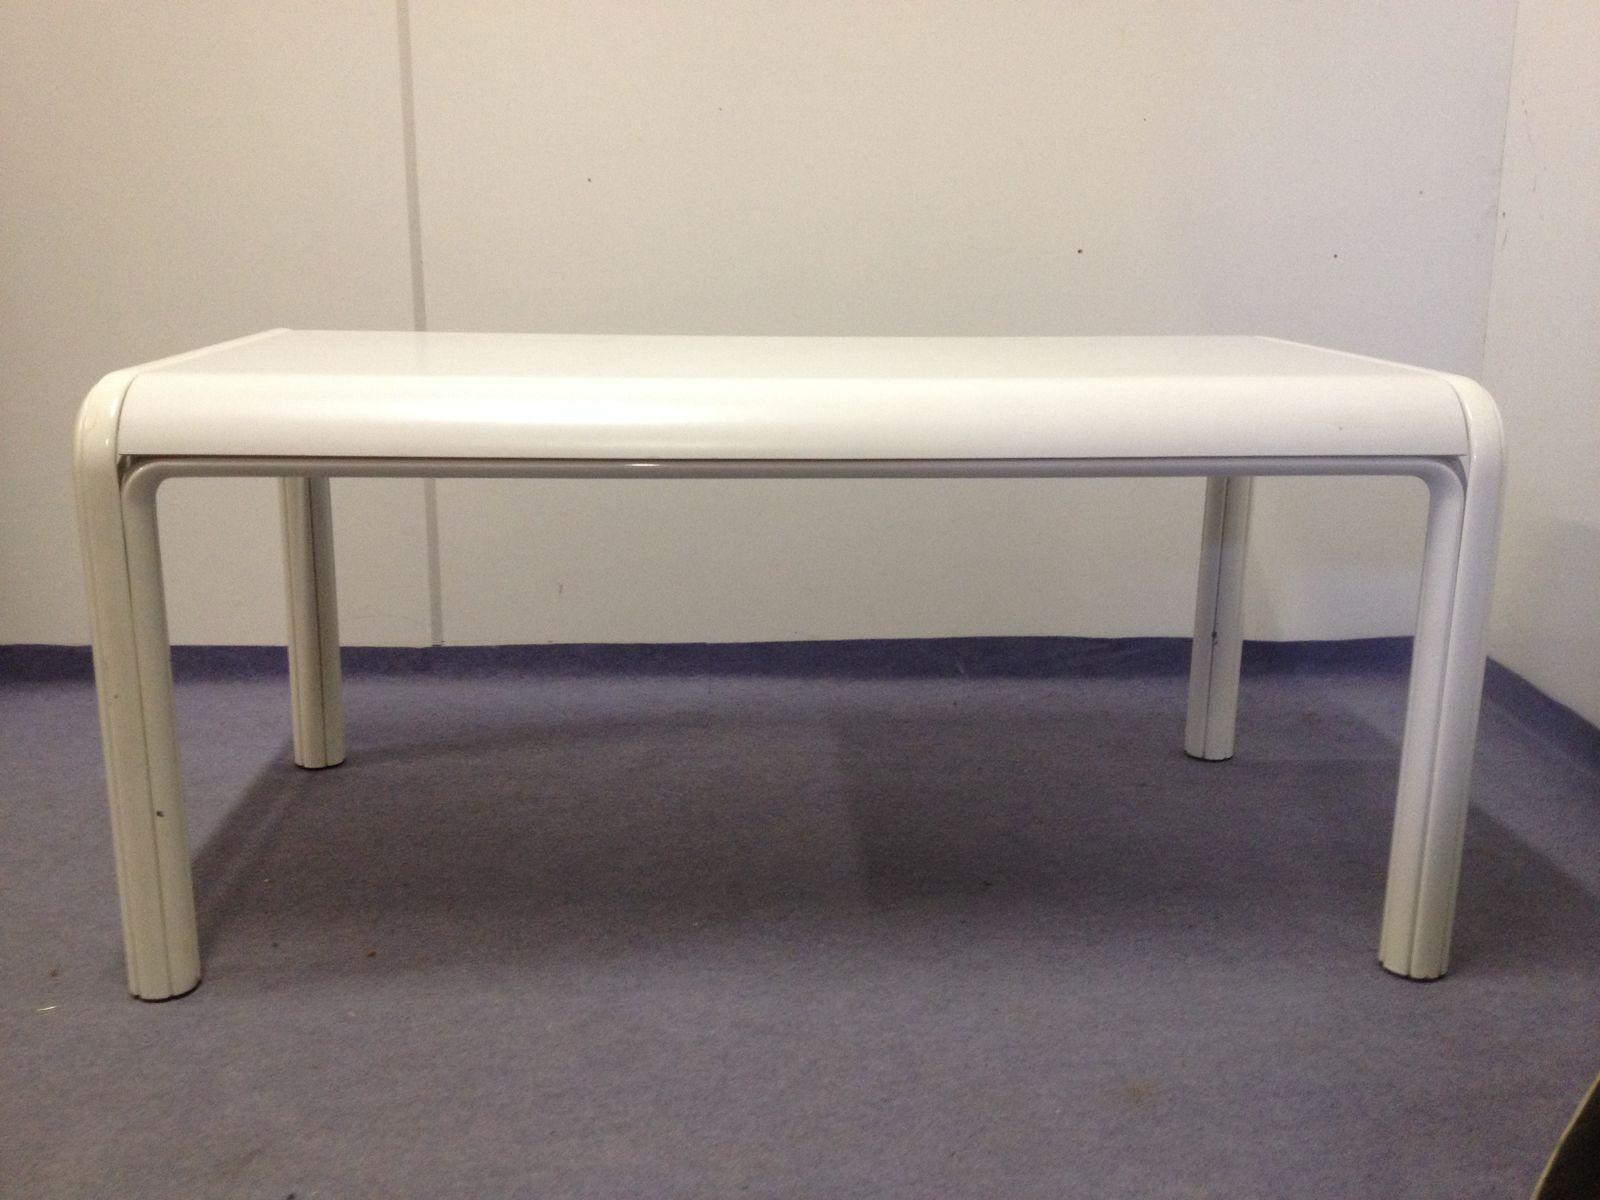 Table de salle manger orsay vintage par gae aulenti pour for Table de salle a manger knoll